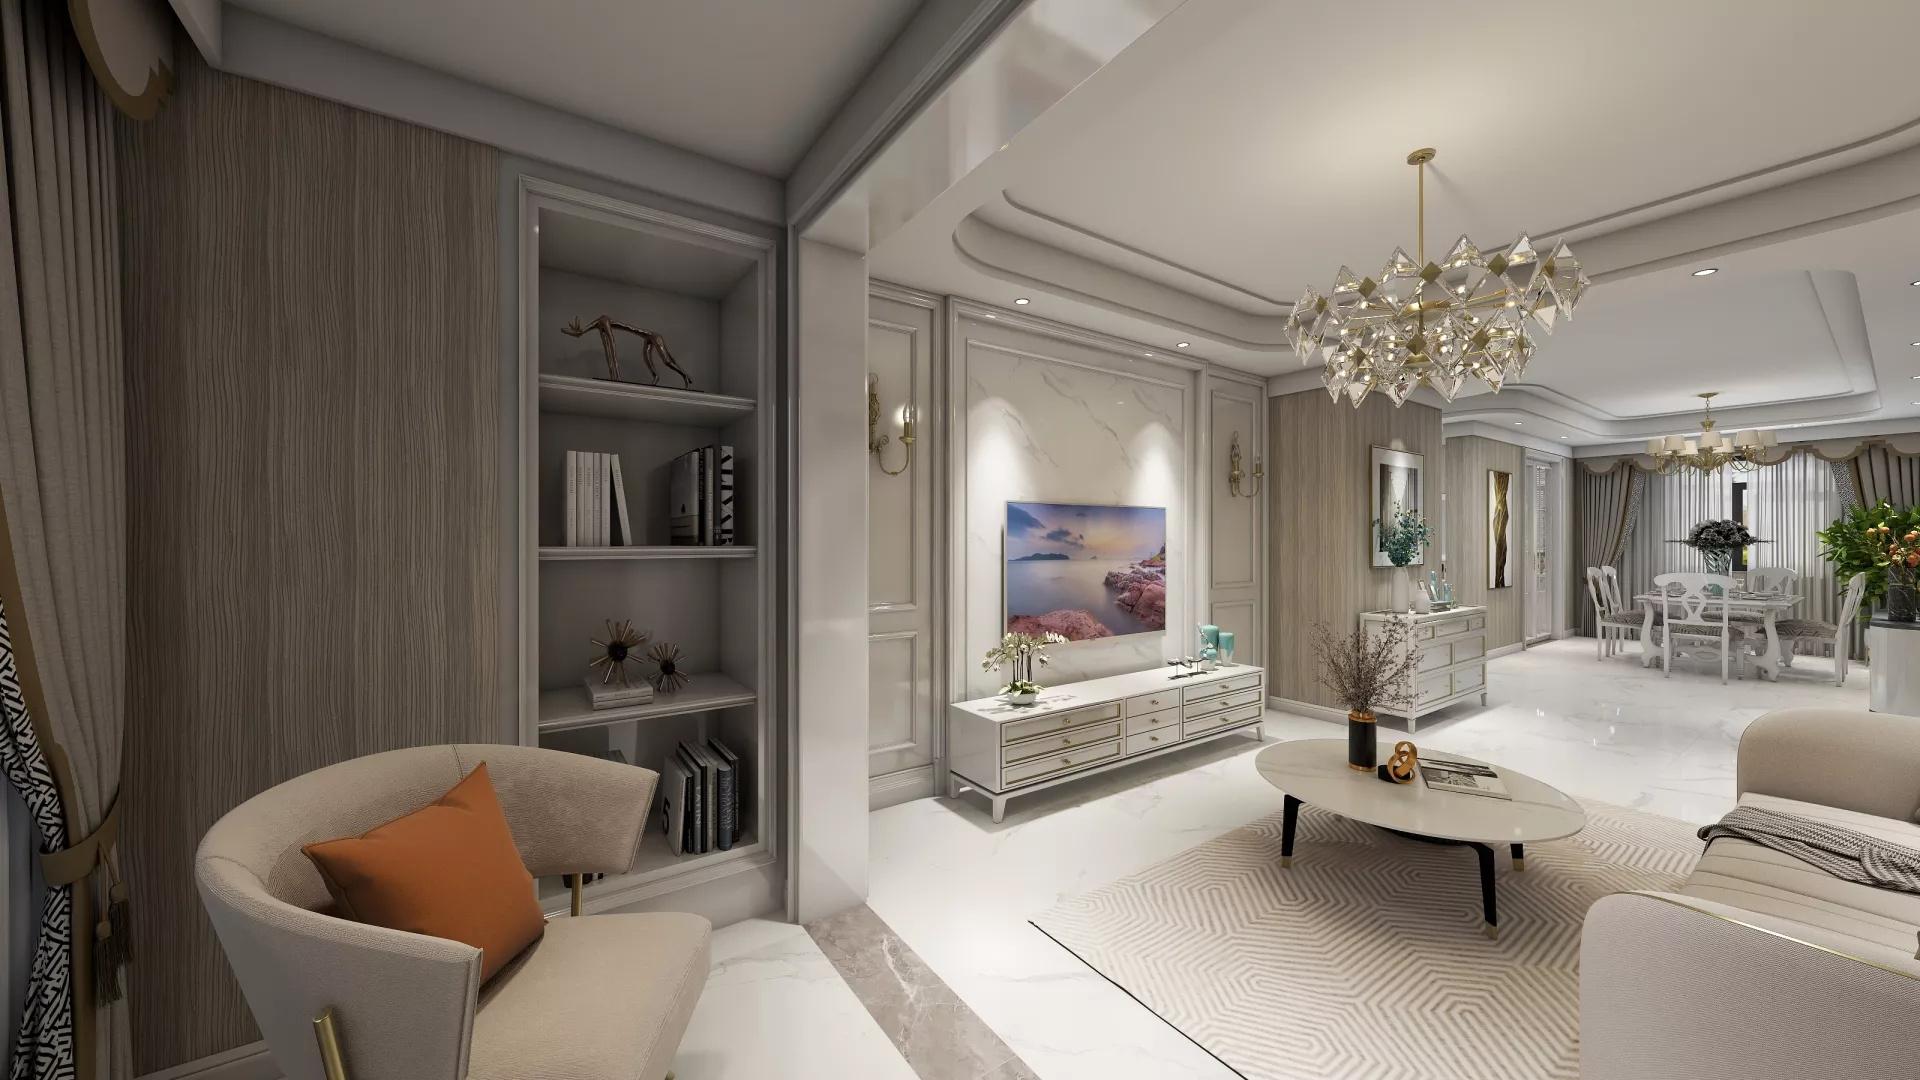 臥室墻面哪種顏色耐看?臥室墻面顏色怎么選擇?